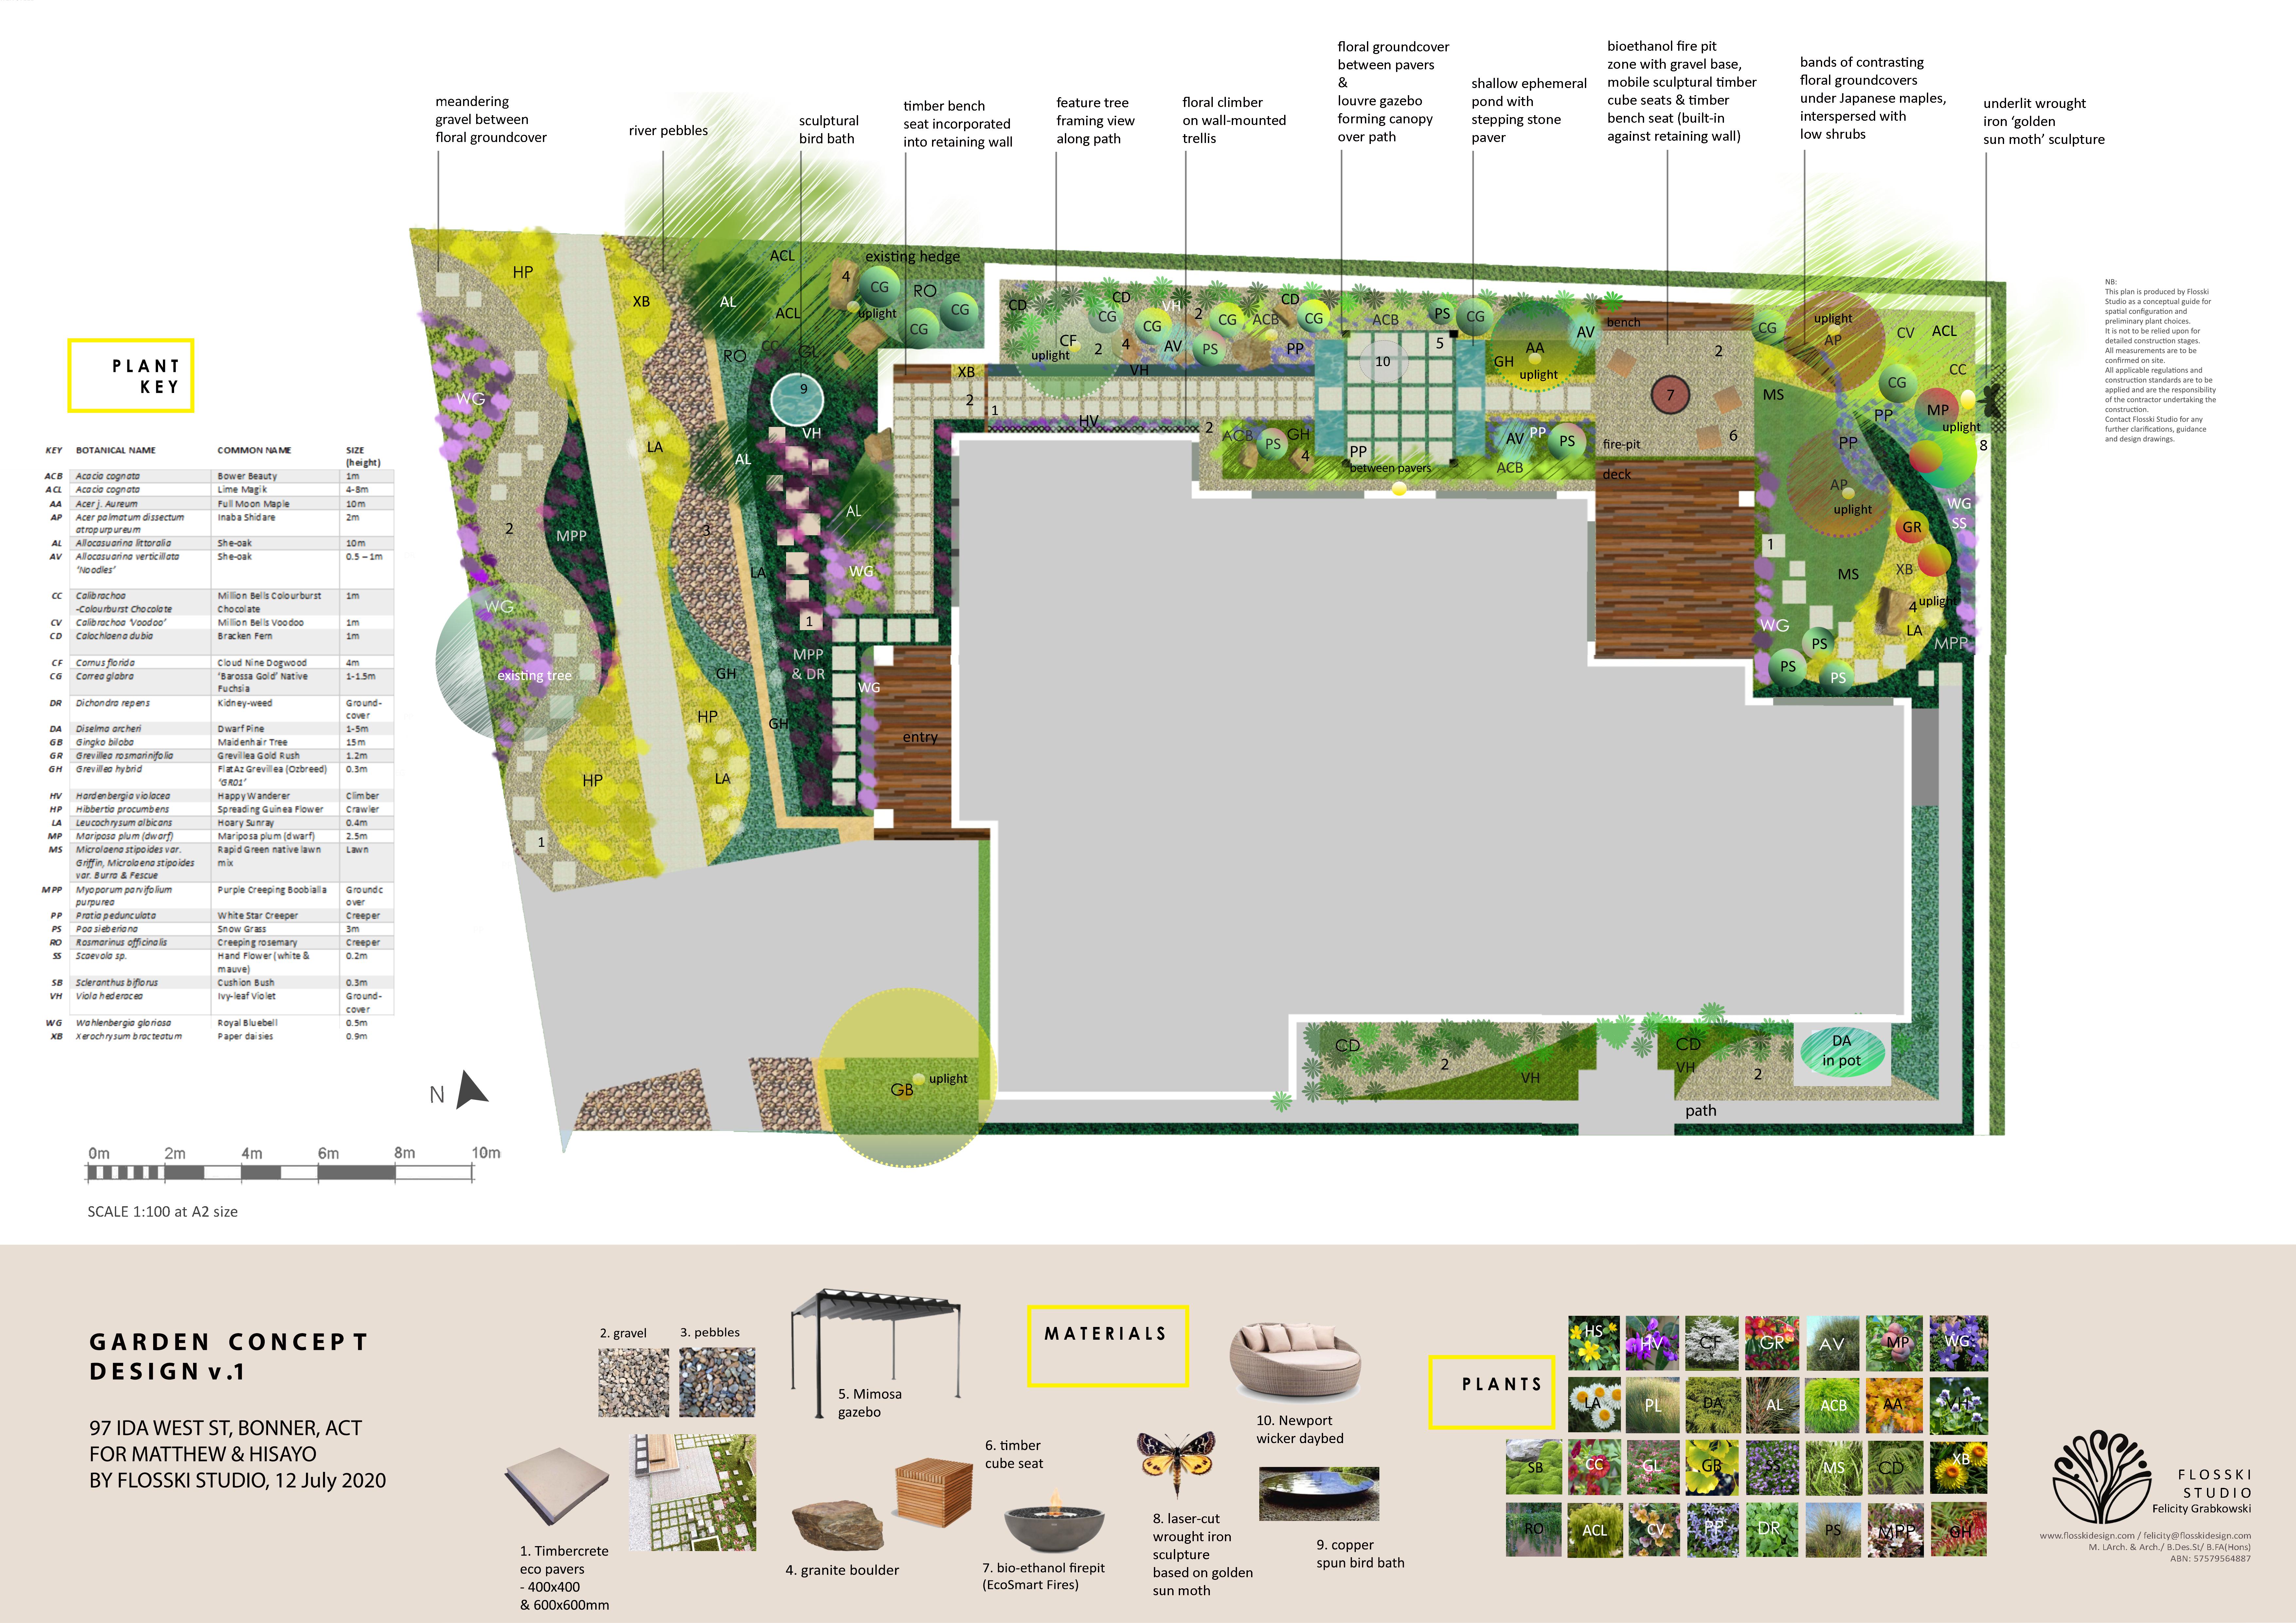 A2 concept landscape plan - Bonner - Flo